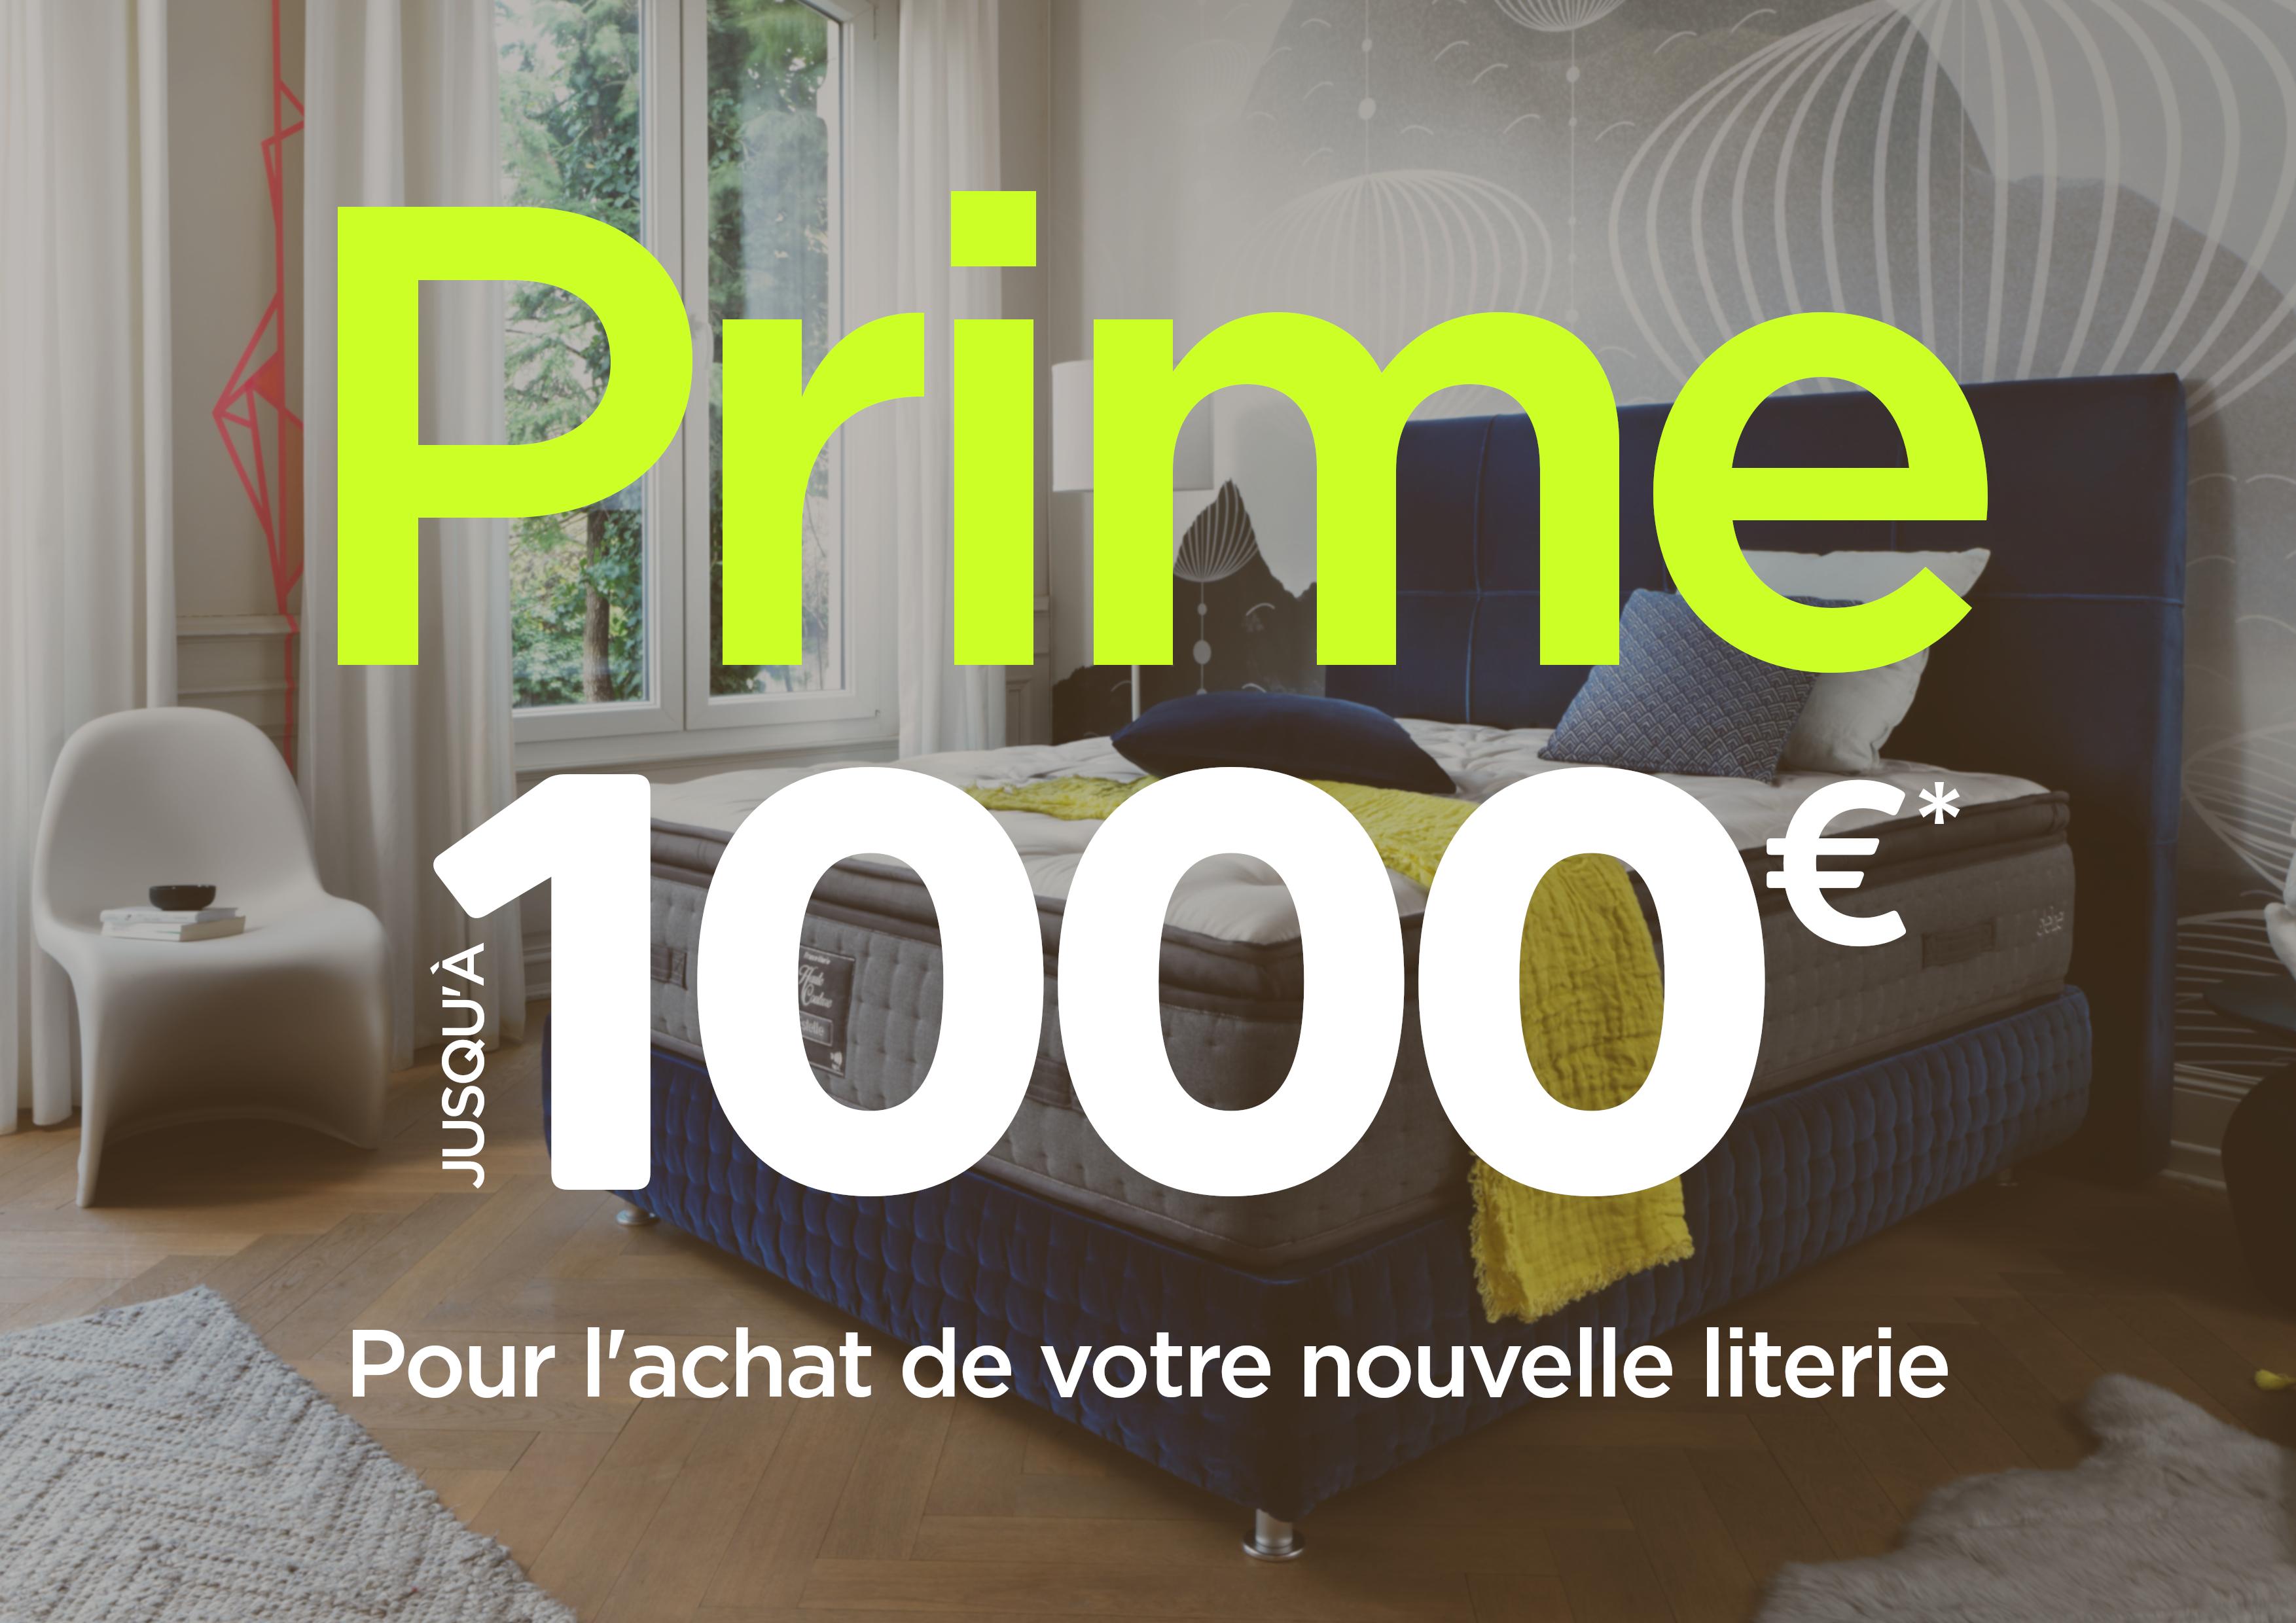 prime_1000e